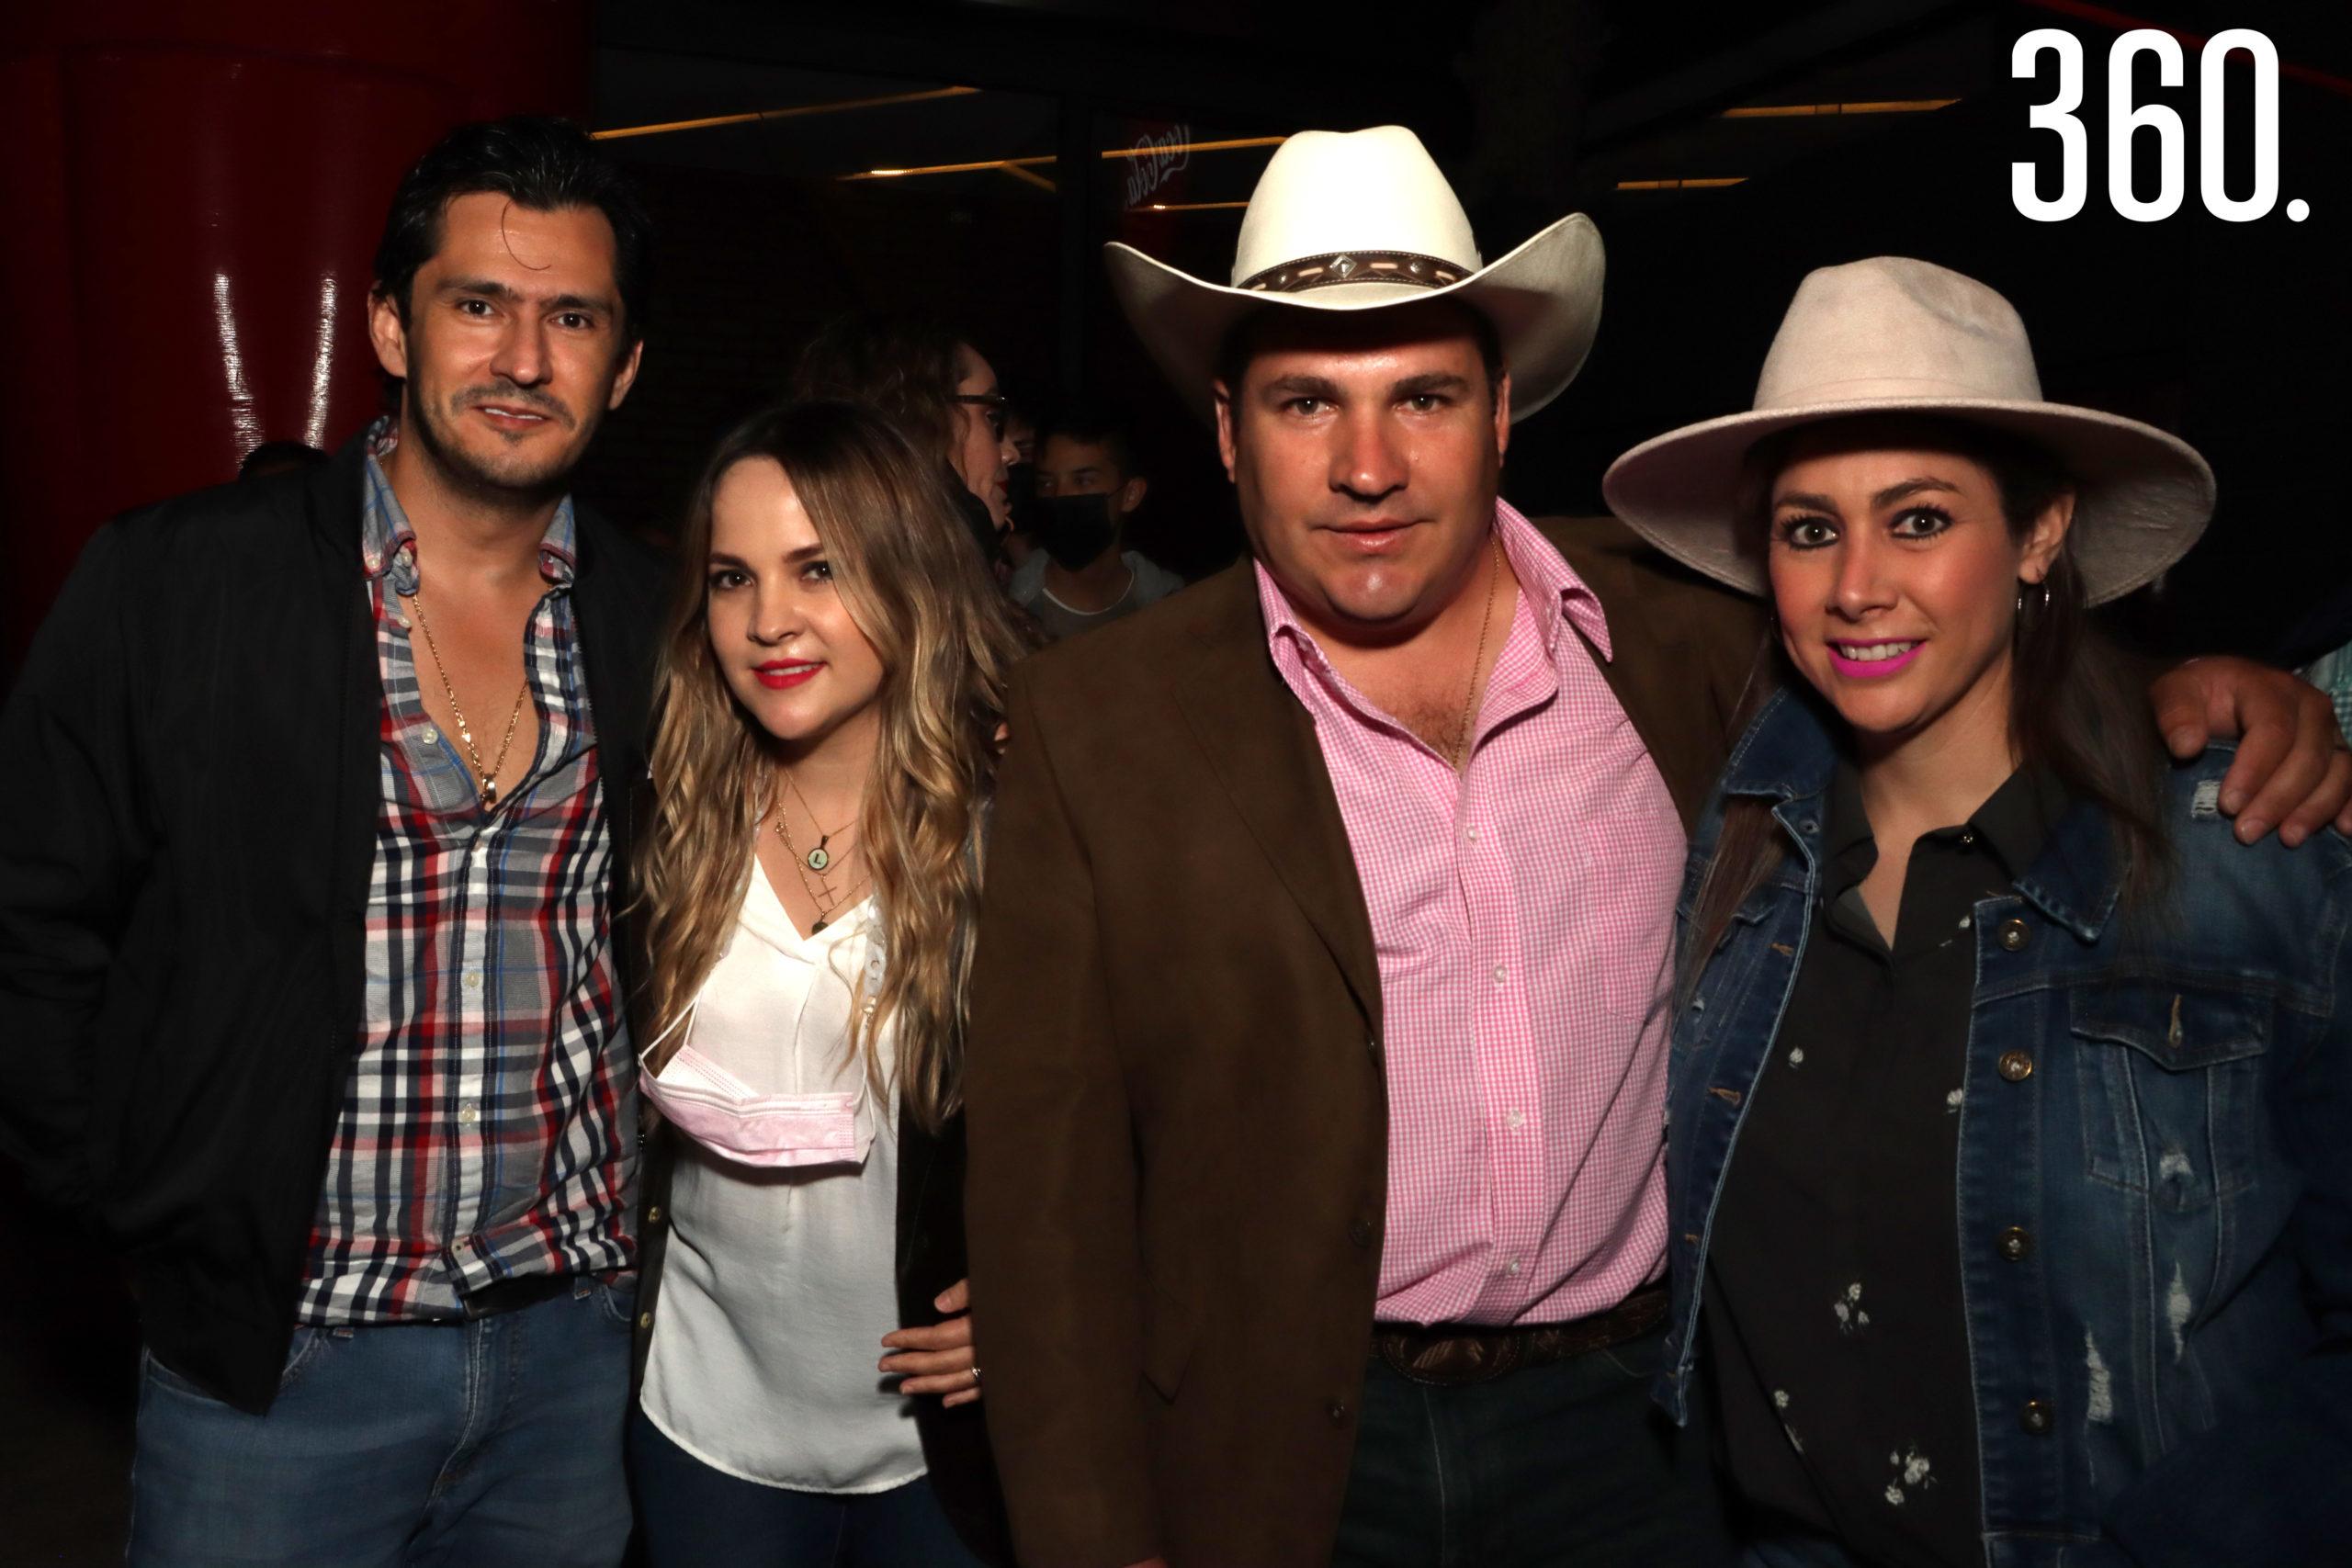 Roberto Polanco, Lily, David y Vero Rodríguez.